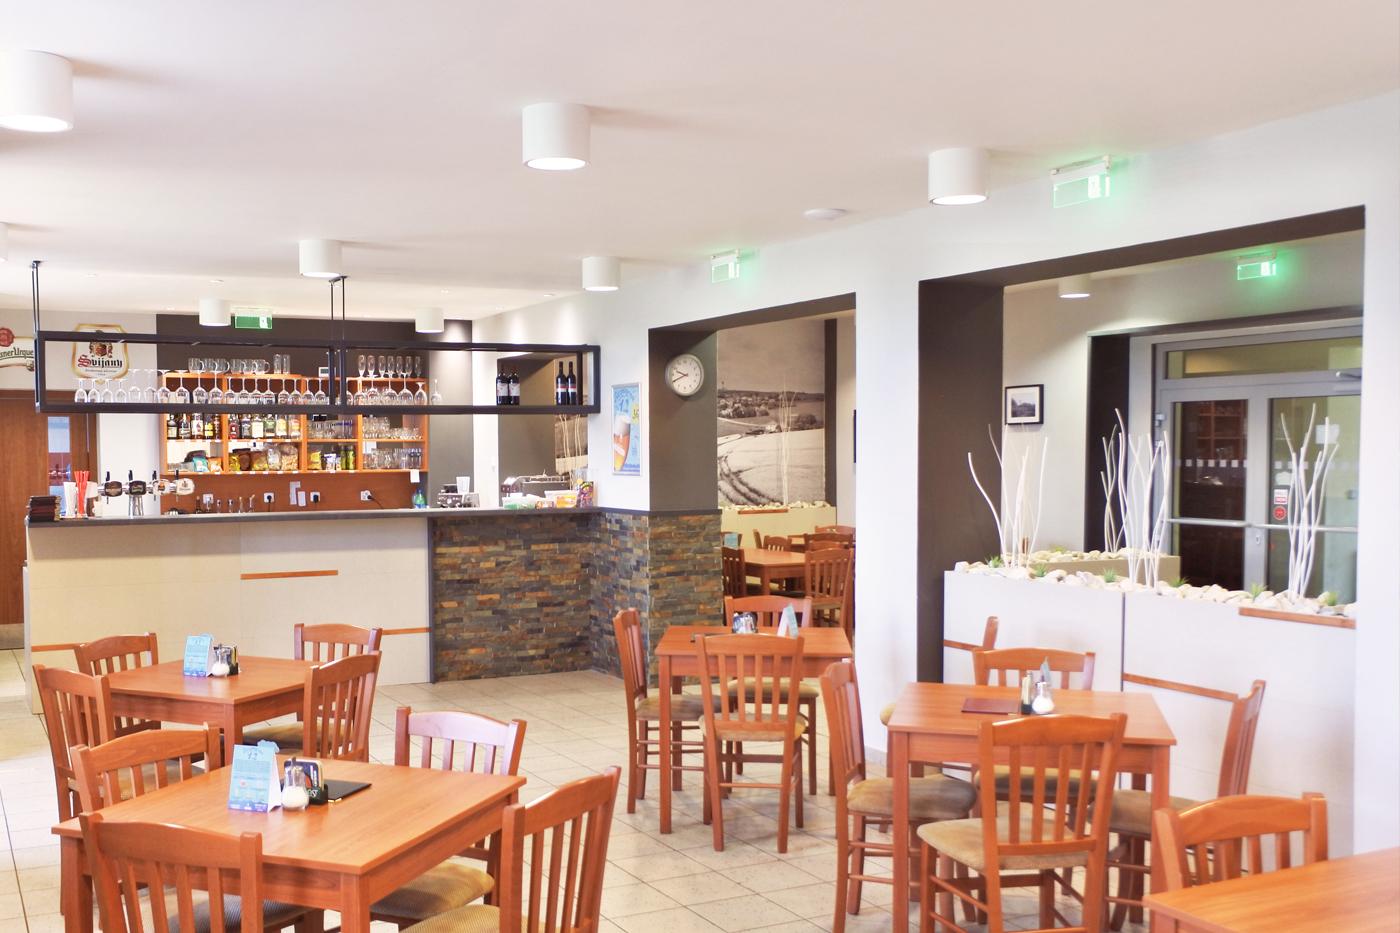 Bar je opláštěný stejným materiálem jako truhlíky a kamenným obkladem.